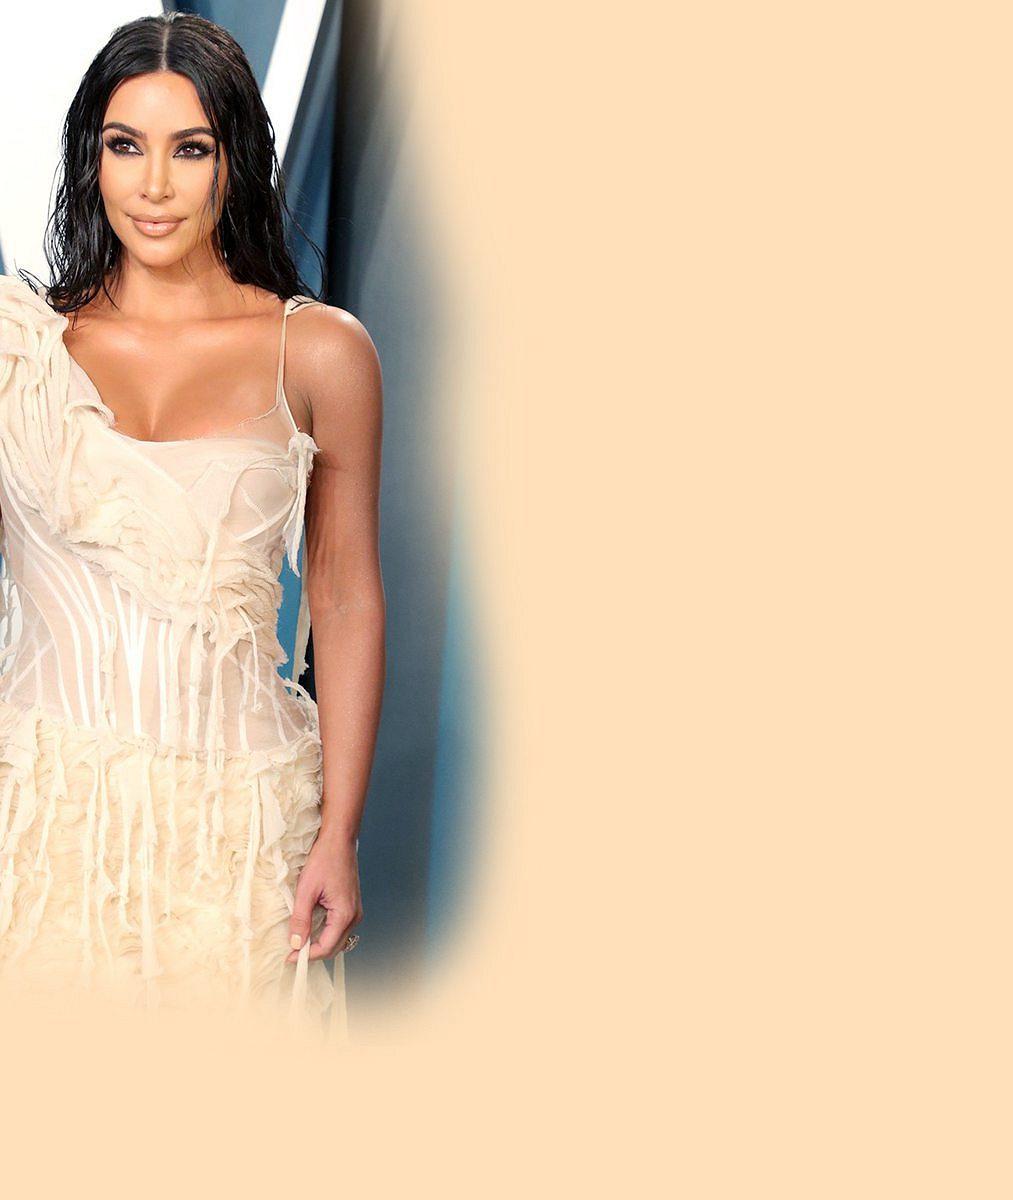 12nejkrásnějších výstřihů zvečírku po Oscarech: Slavné herečky svými přednostmi zastínily modelky atelevizní hvězdy